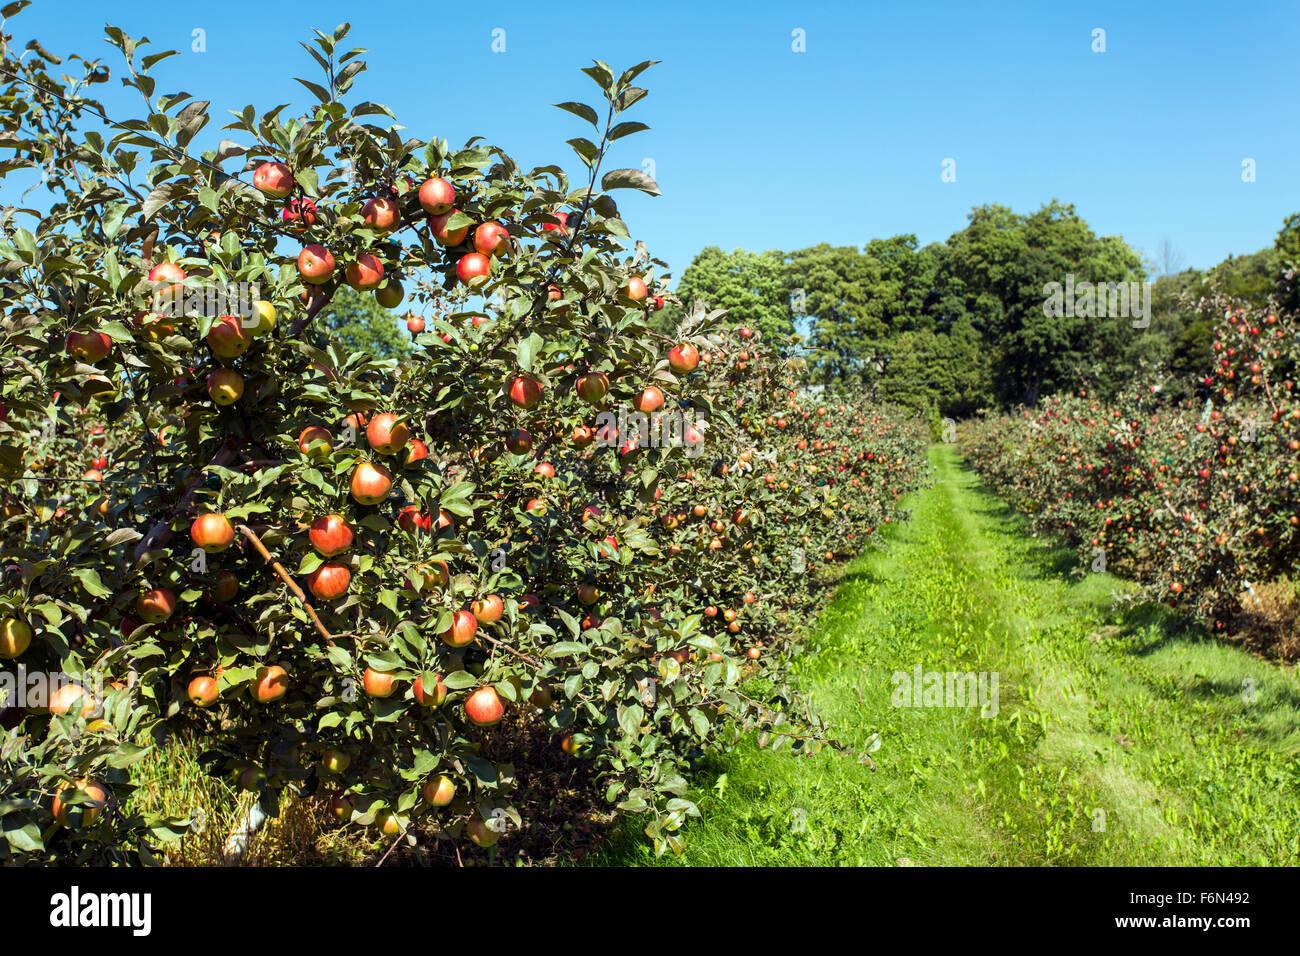 USA, Wisconsin, Door County, Apfelgarten mit reifen Früchten Stockbild